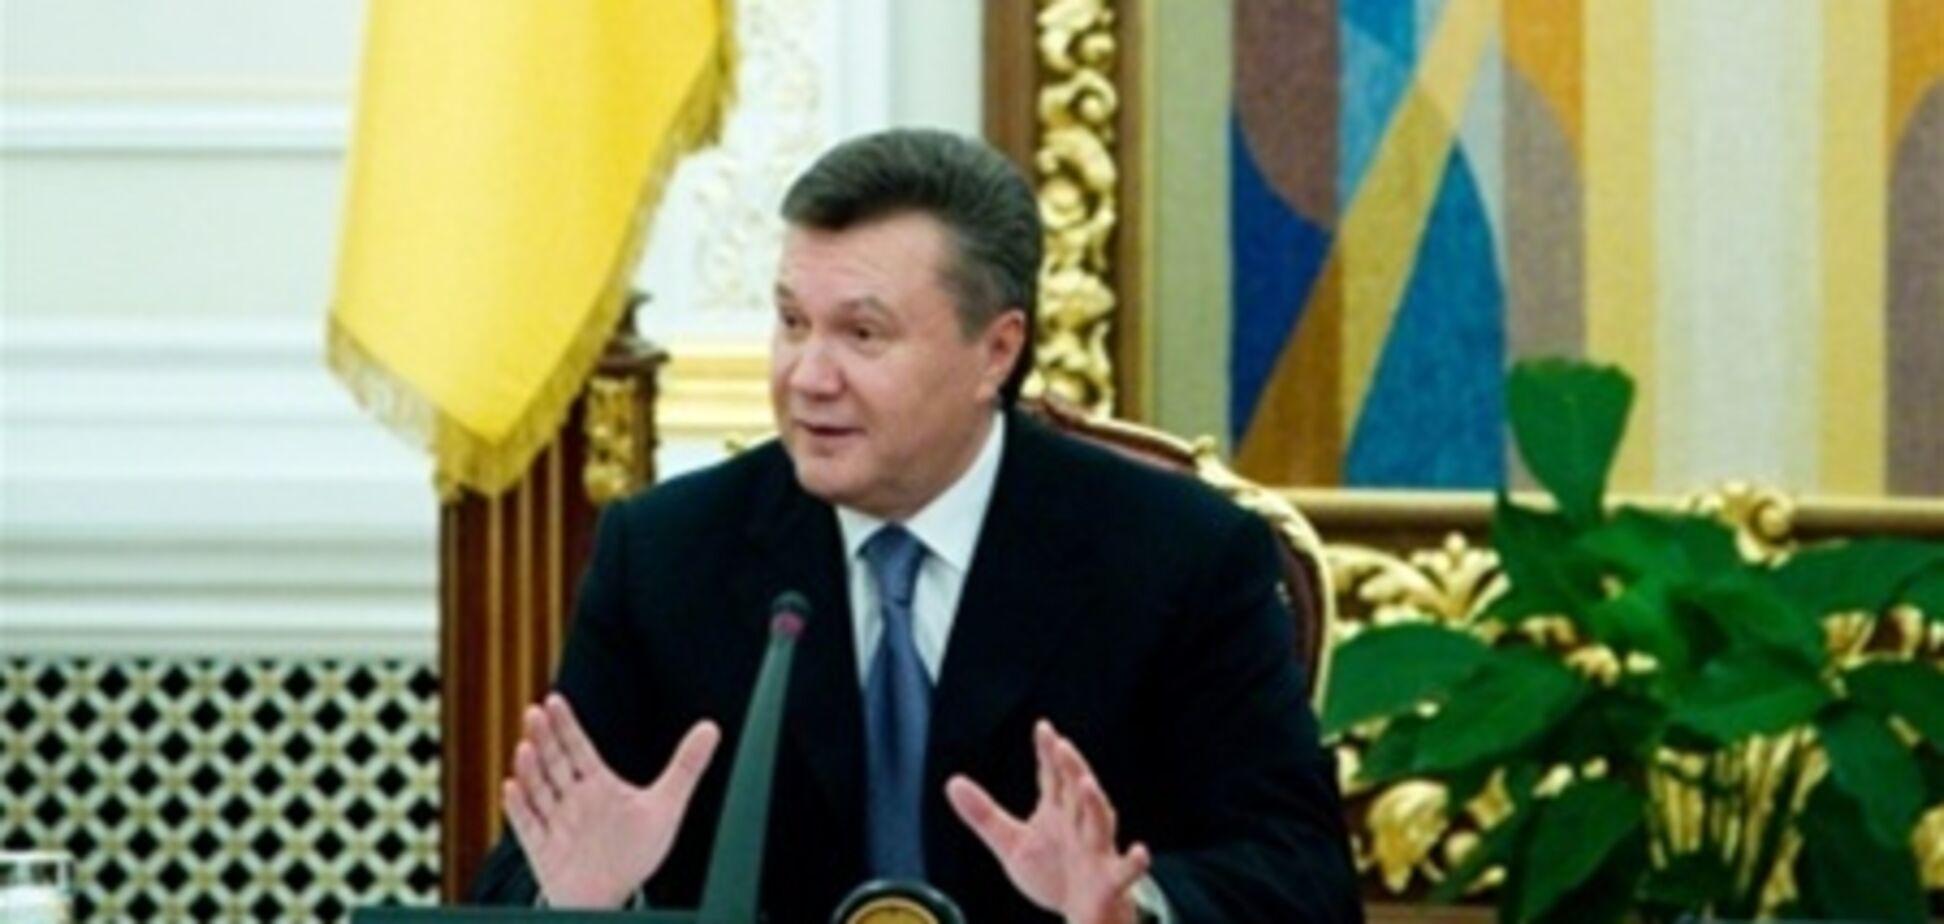 Янукович сподівається, що Данія допоможе Україні в євроінтеграції